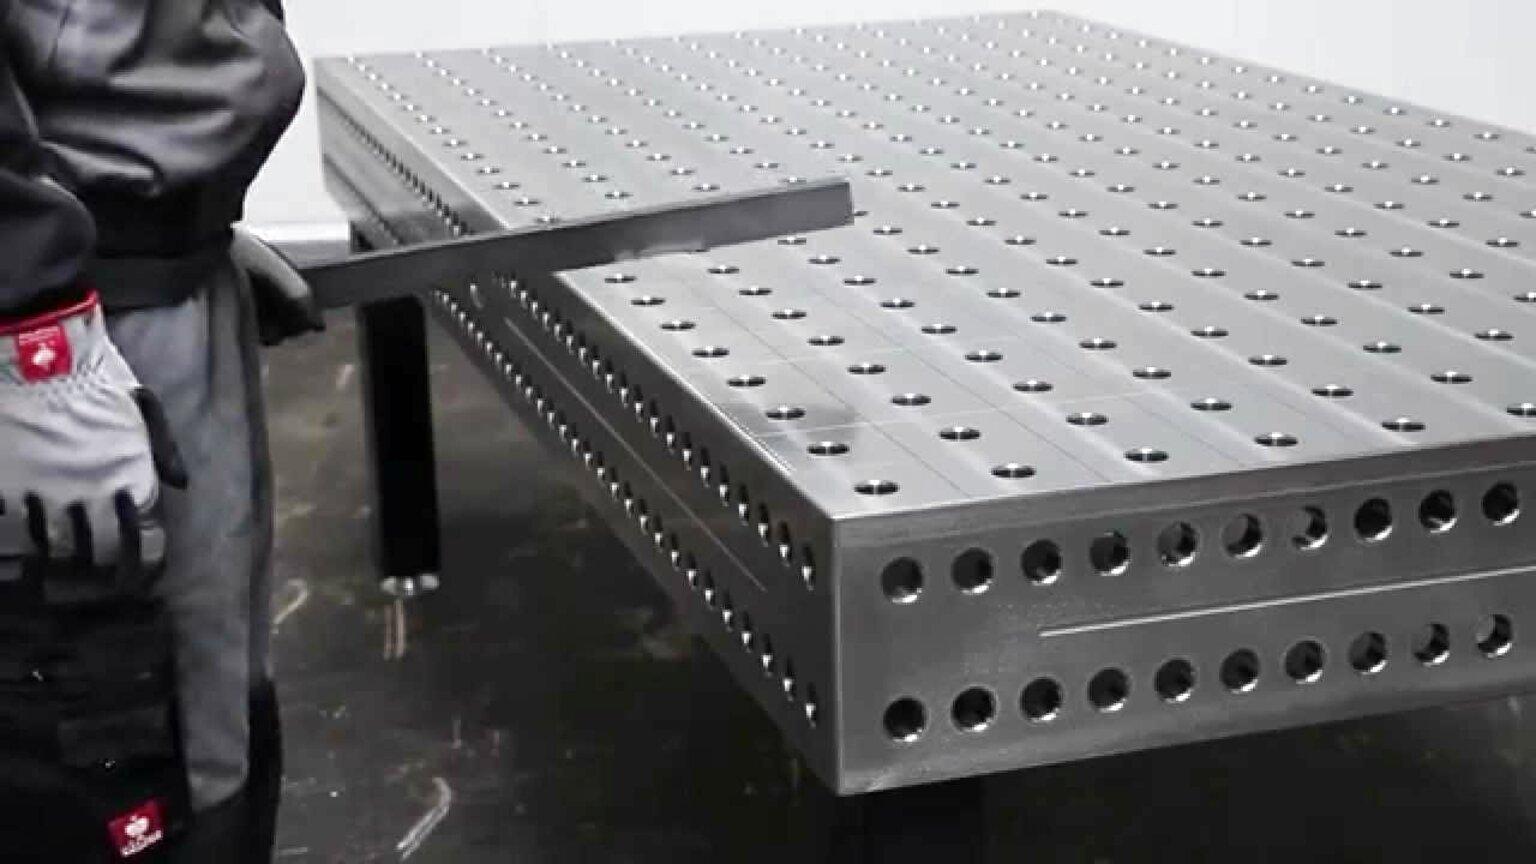 Plans Table de soudure établie de soudage fixation fichier dxf 40in x 80in soude